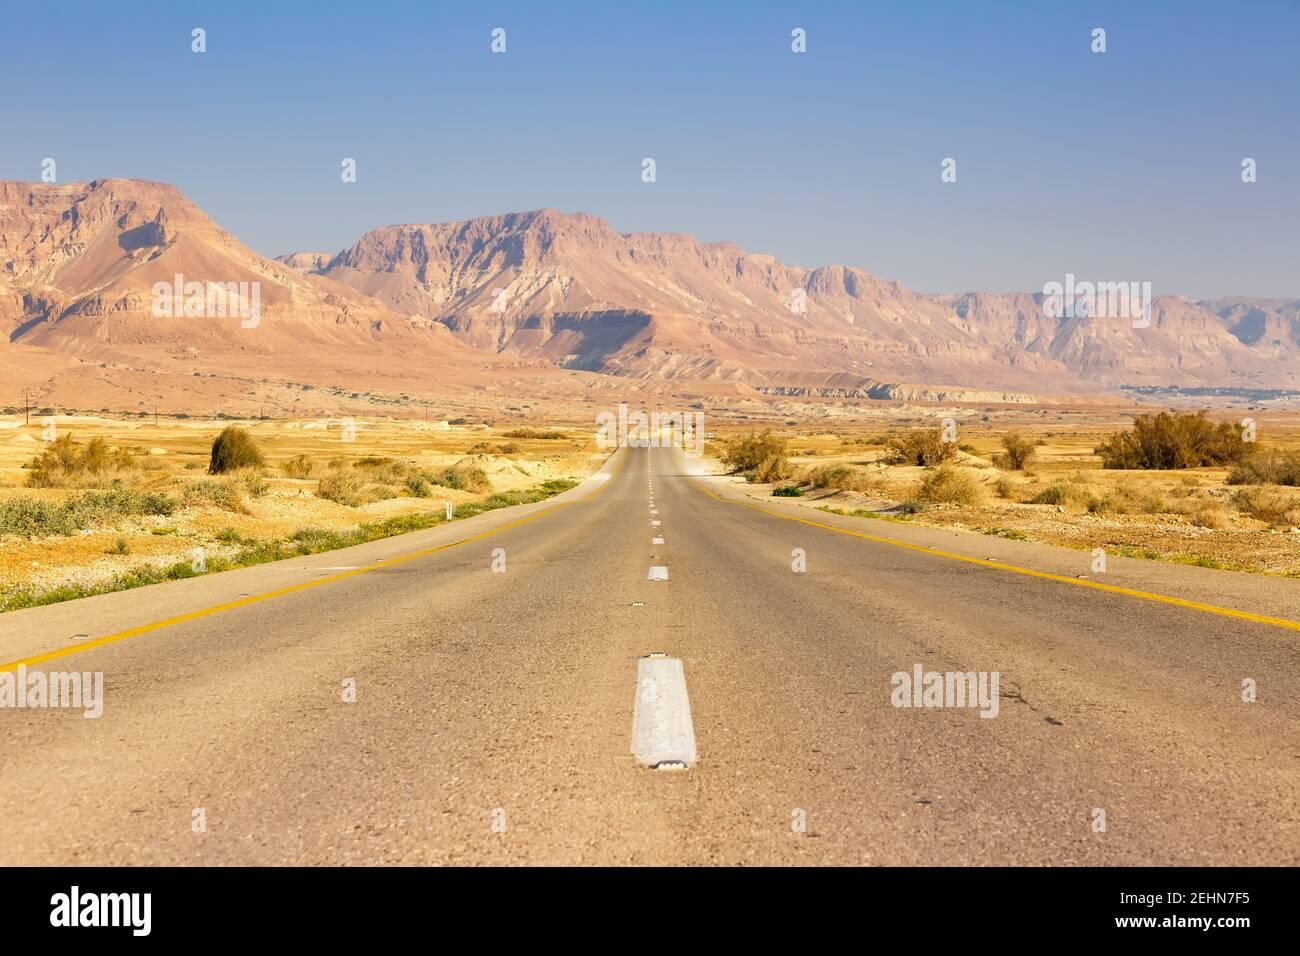 Sin fin de carretera conducir vacío desierto paisaje sin límite soledad distancia infinita Foto de stock